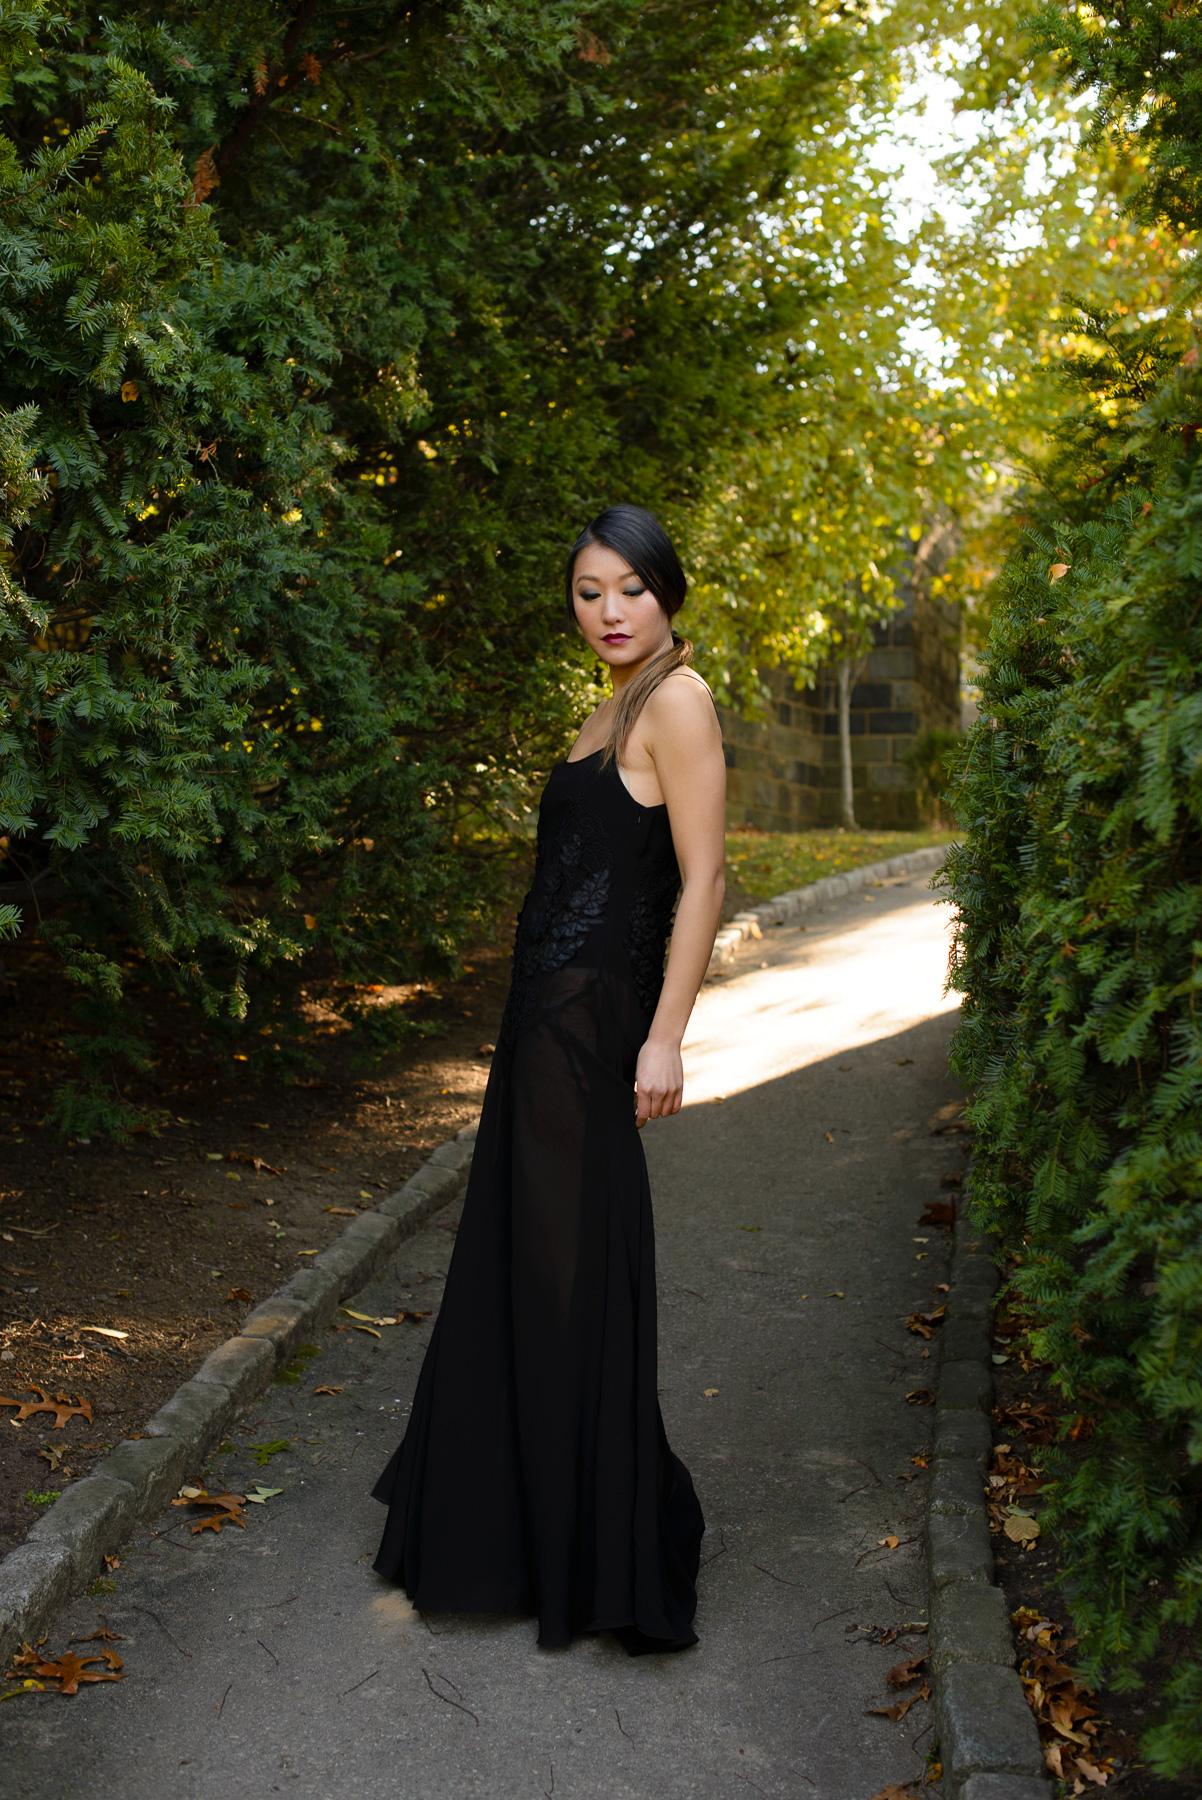 blackdress_embroidered1.jpg